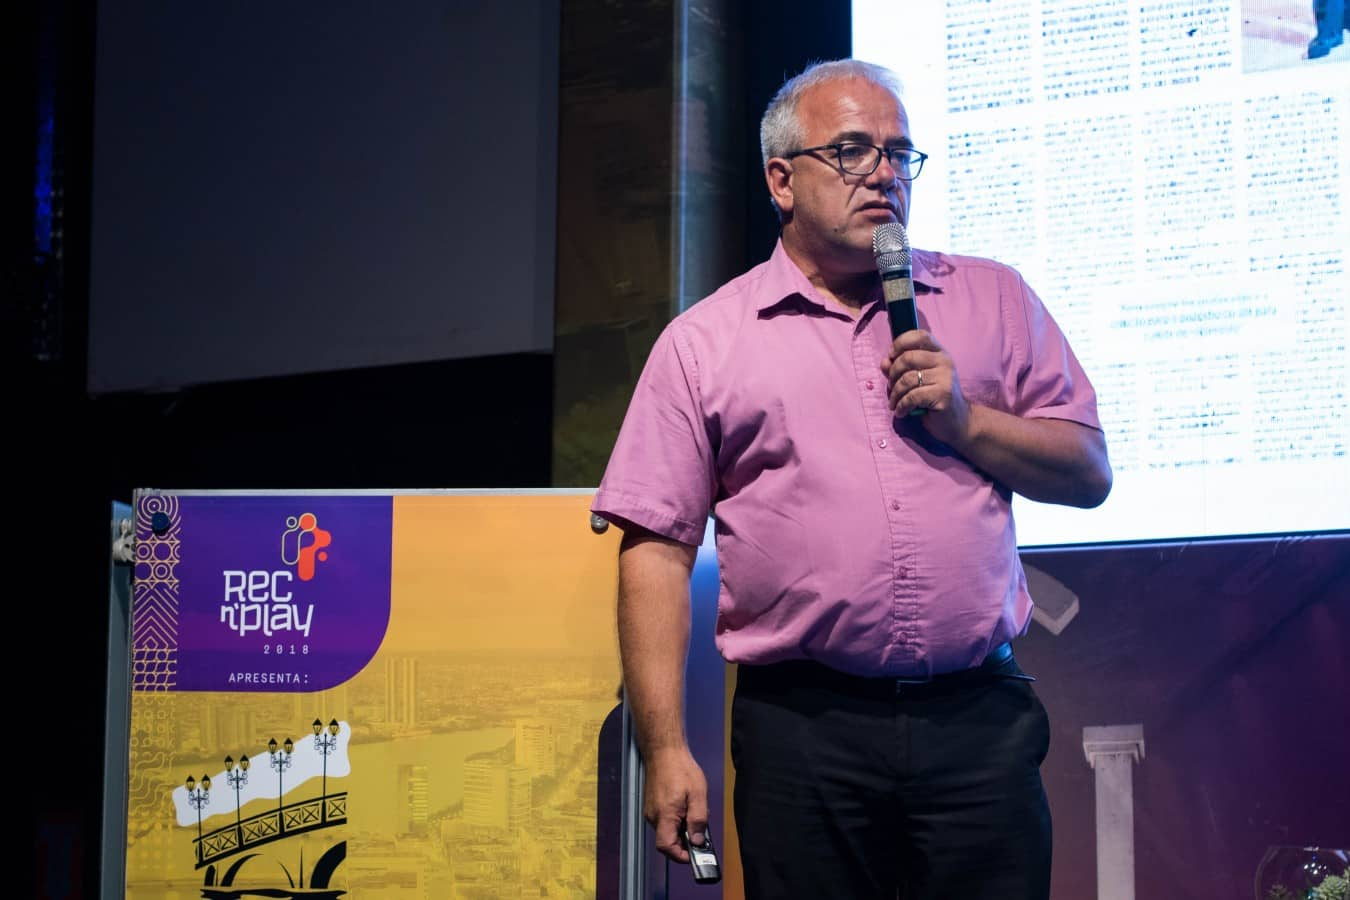 DANY JOLY - Evento internacional no Recife discute iluminação pública